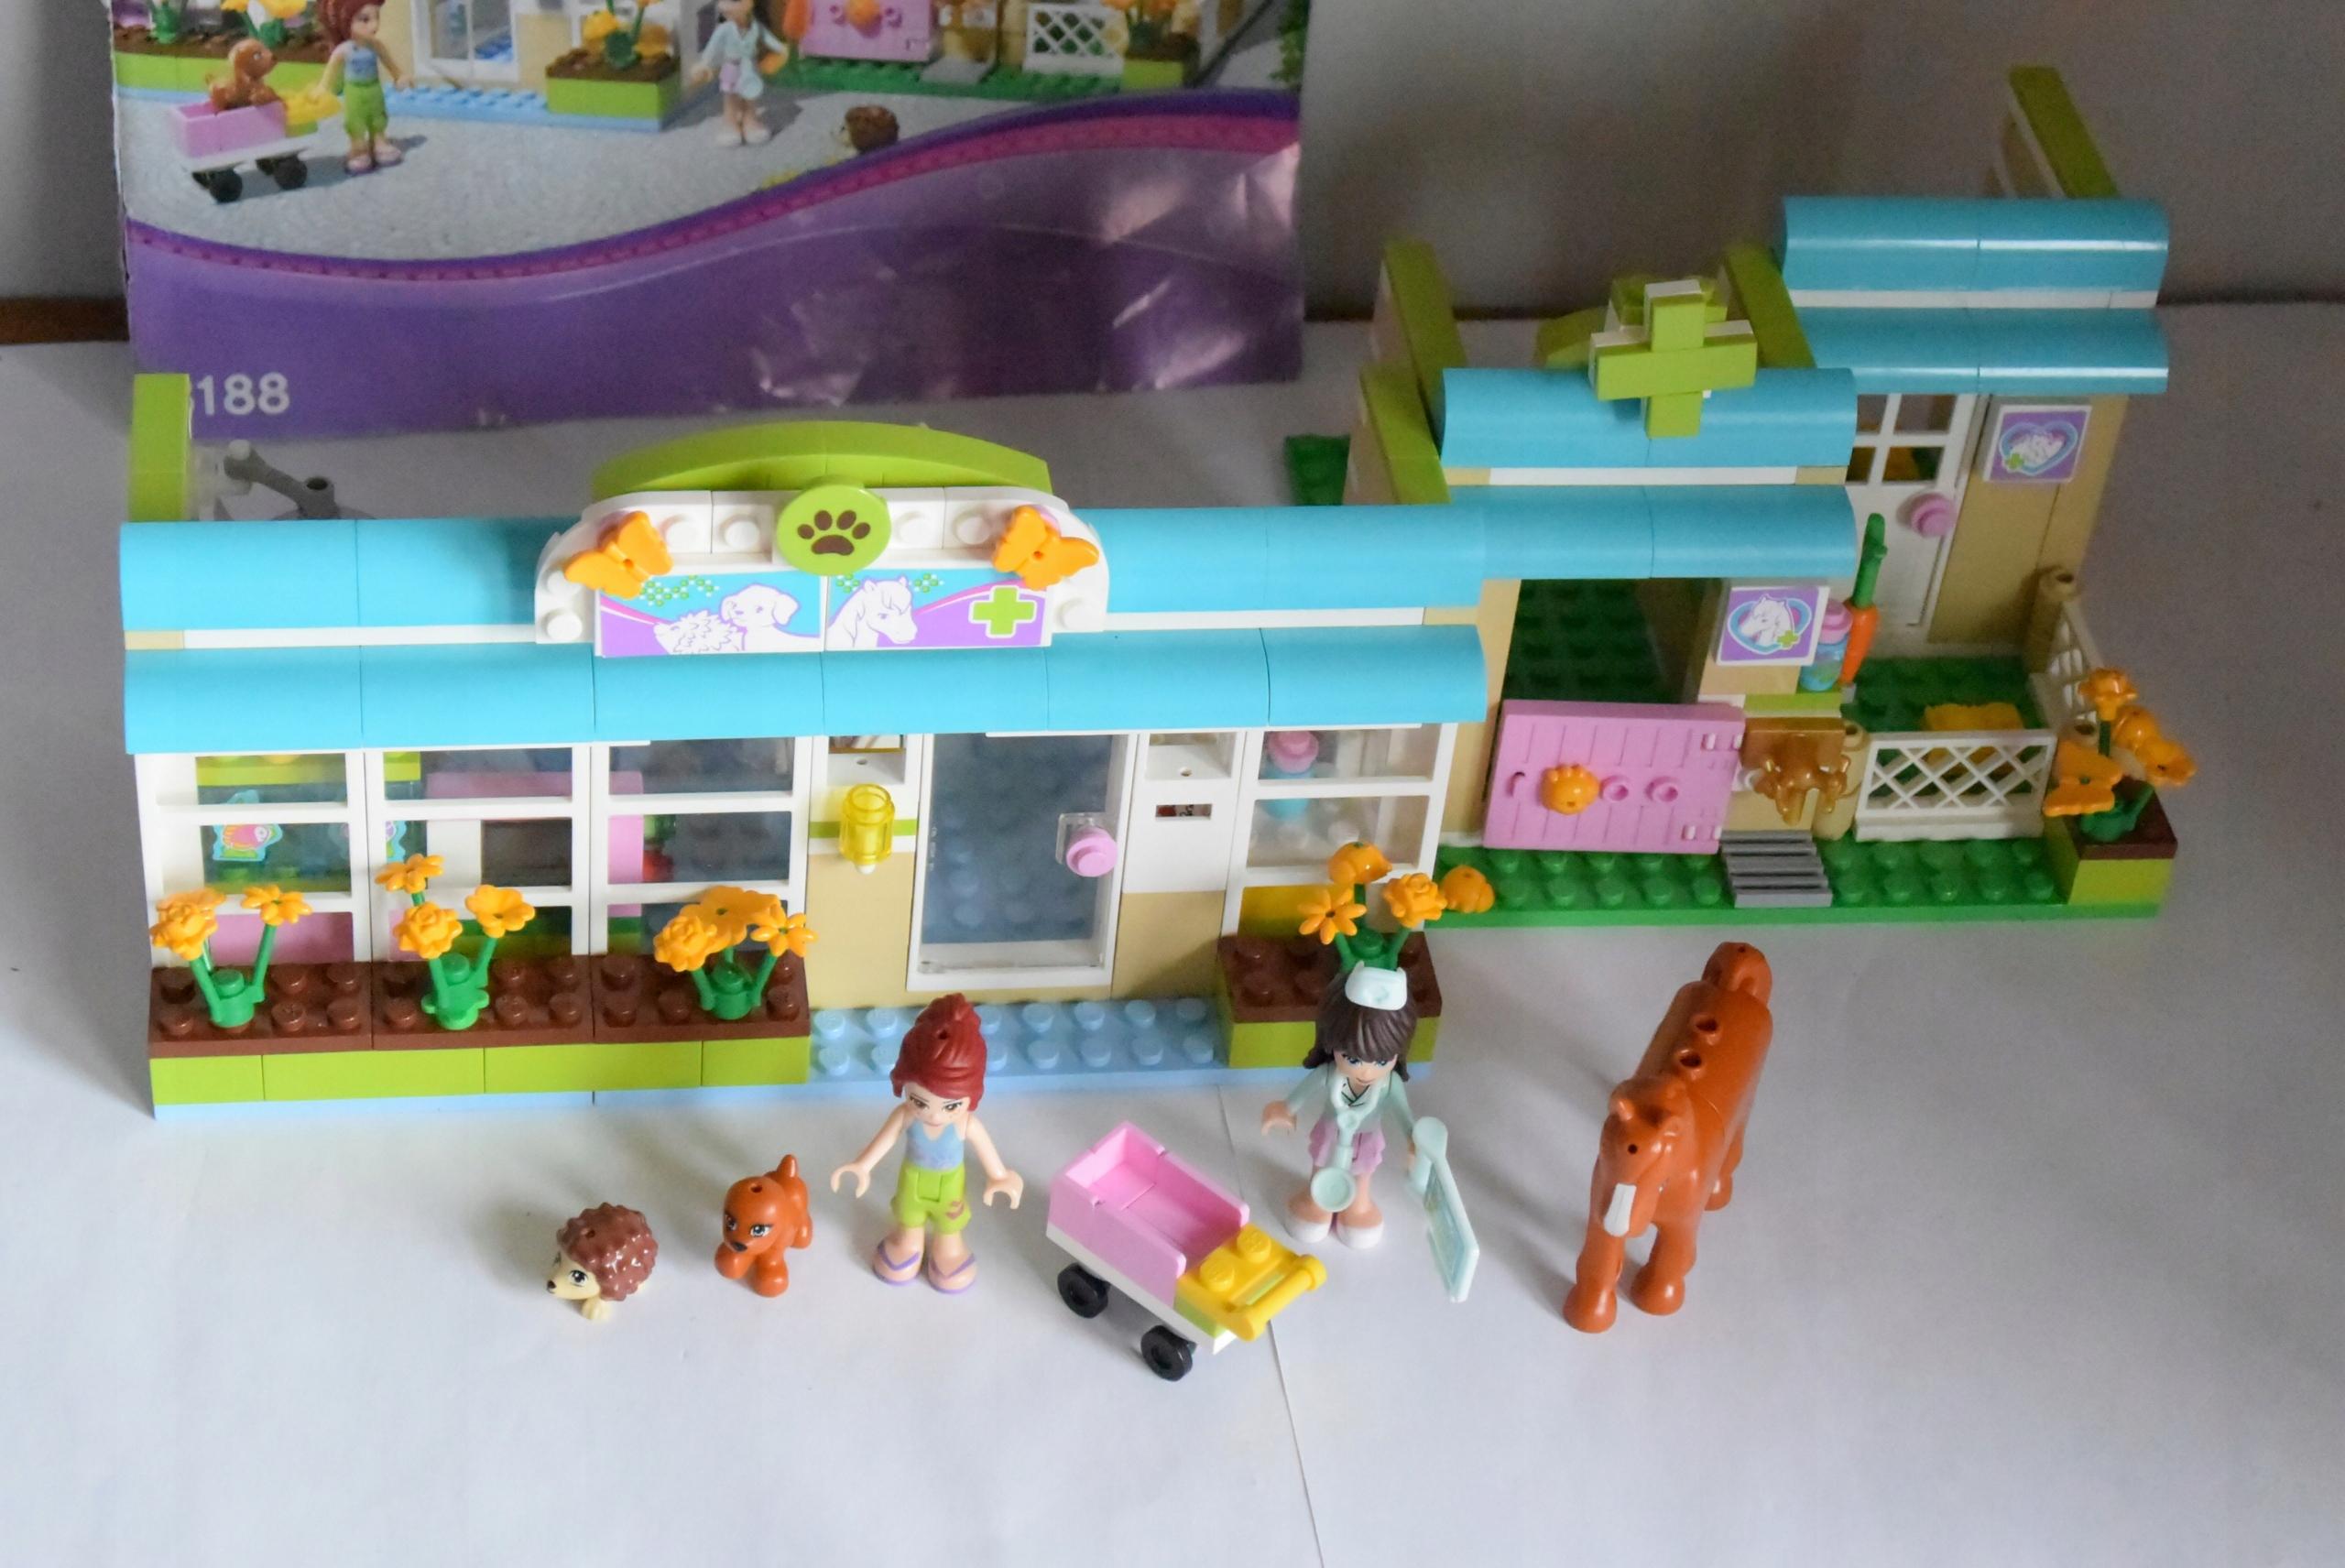 Klocki Lego Friends 3188 Weterynarz Duży 7480593250 Oficjalne